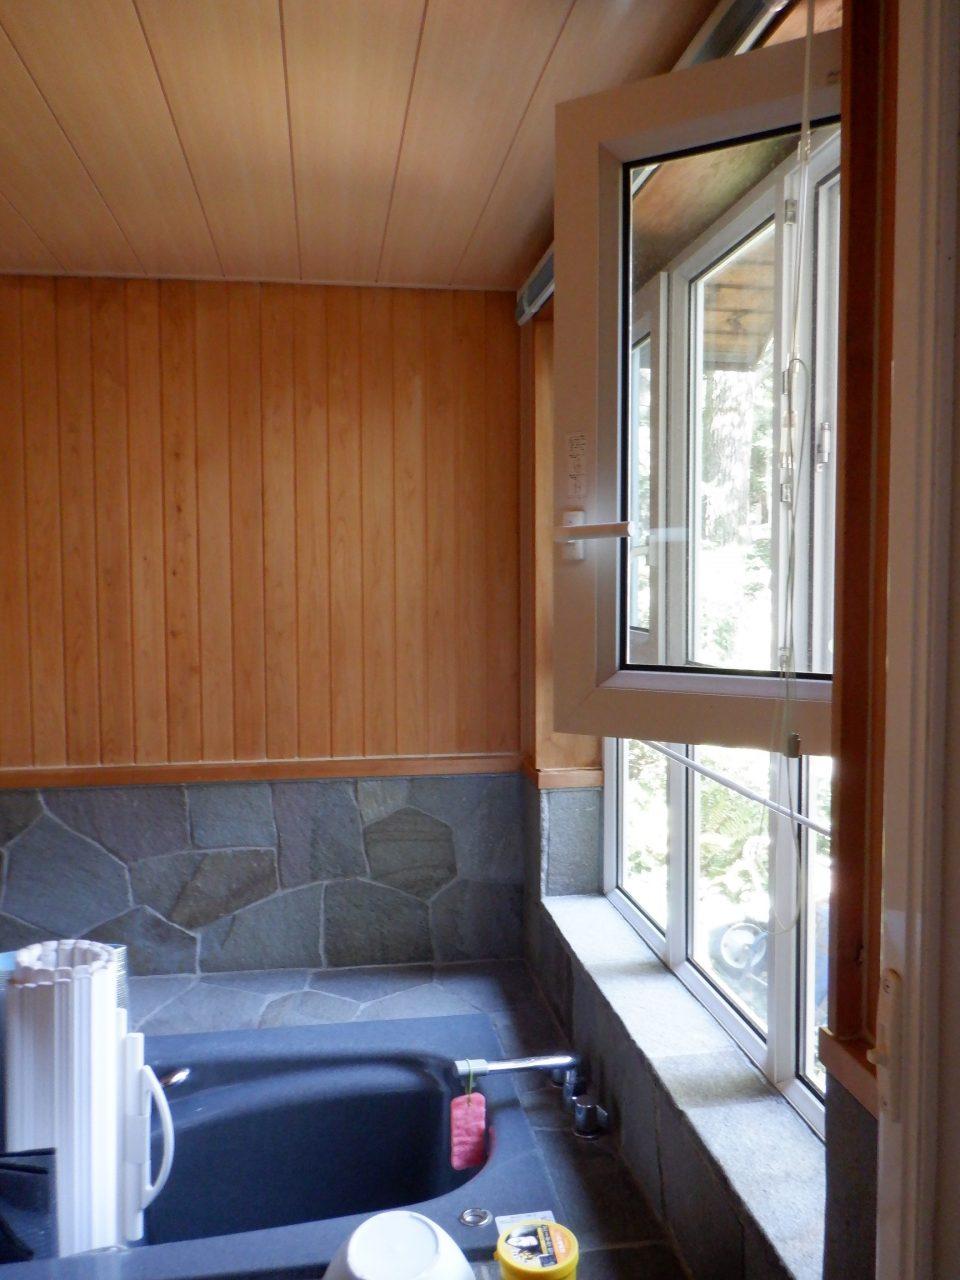 地元産の鉄平石とひのきのお風呂。 15年前、シャノンという樹脂サッシメーカーのドレーキップ窓をすでに採用している・・・汗 なんと先進的な建築業者ではないか!(笑)